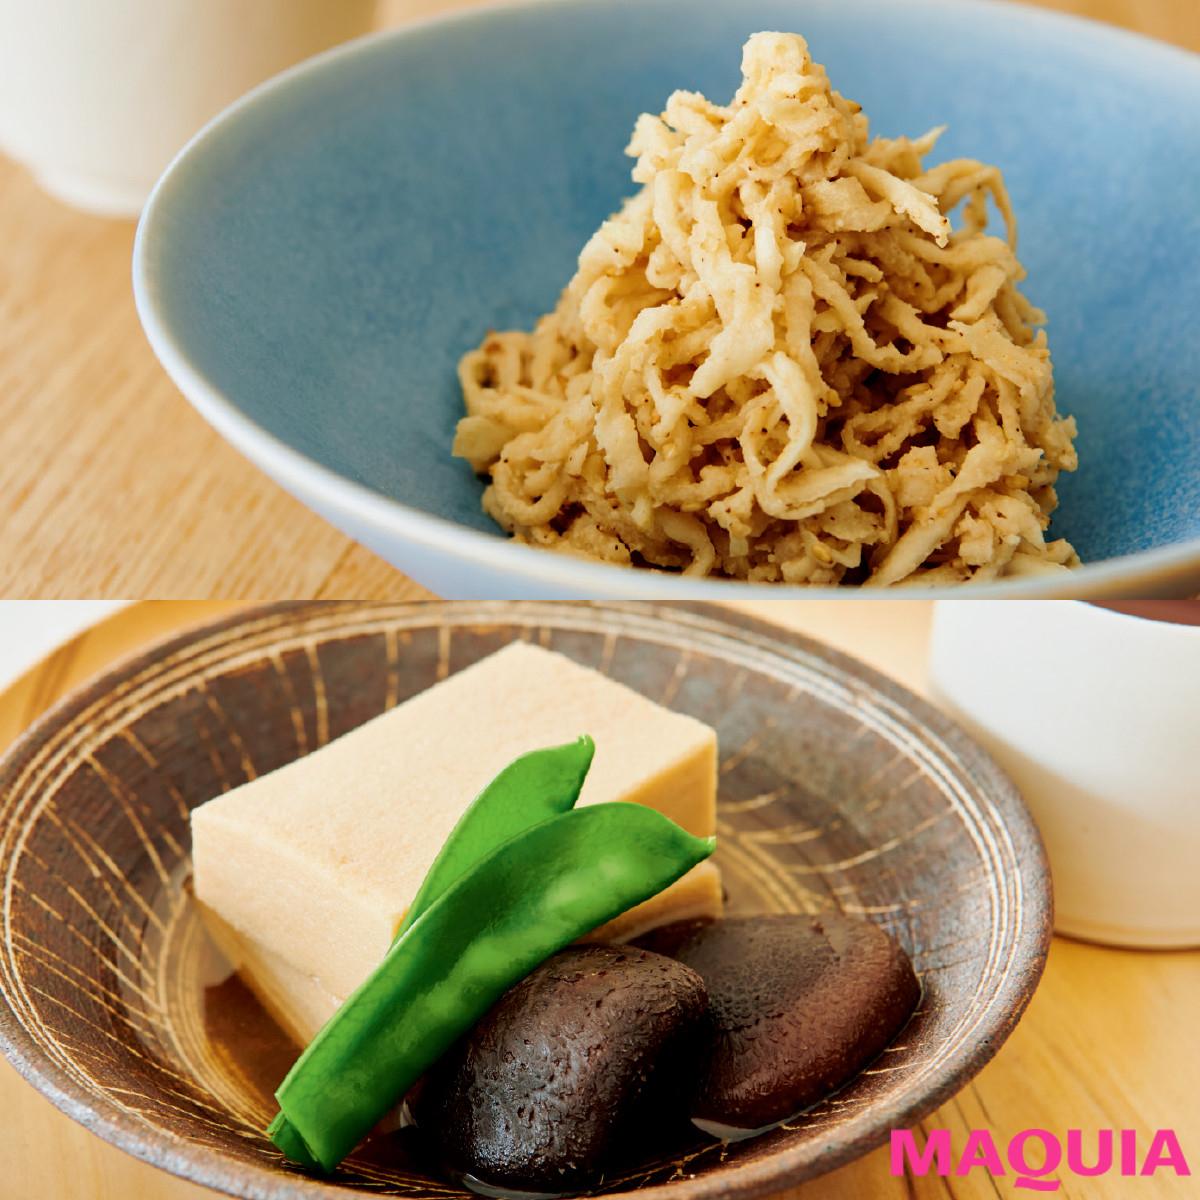 地味メシこそ美肌の源! 切り干し大根、高野豆腐etc. …乾物レシピ